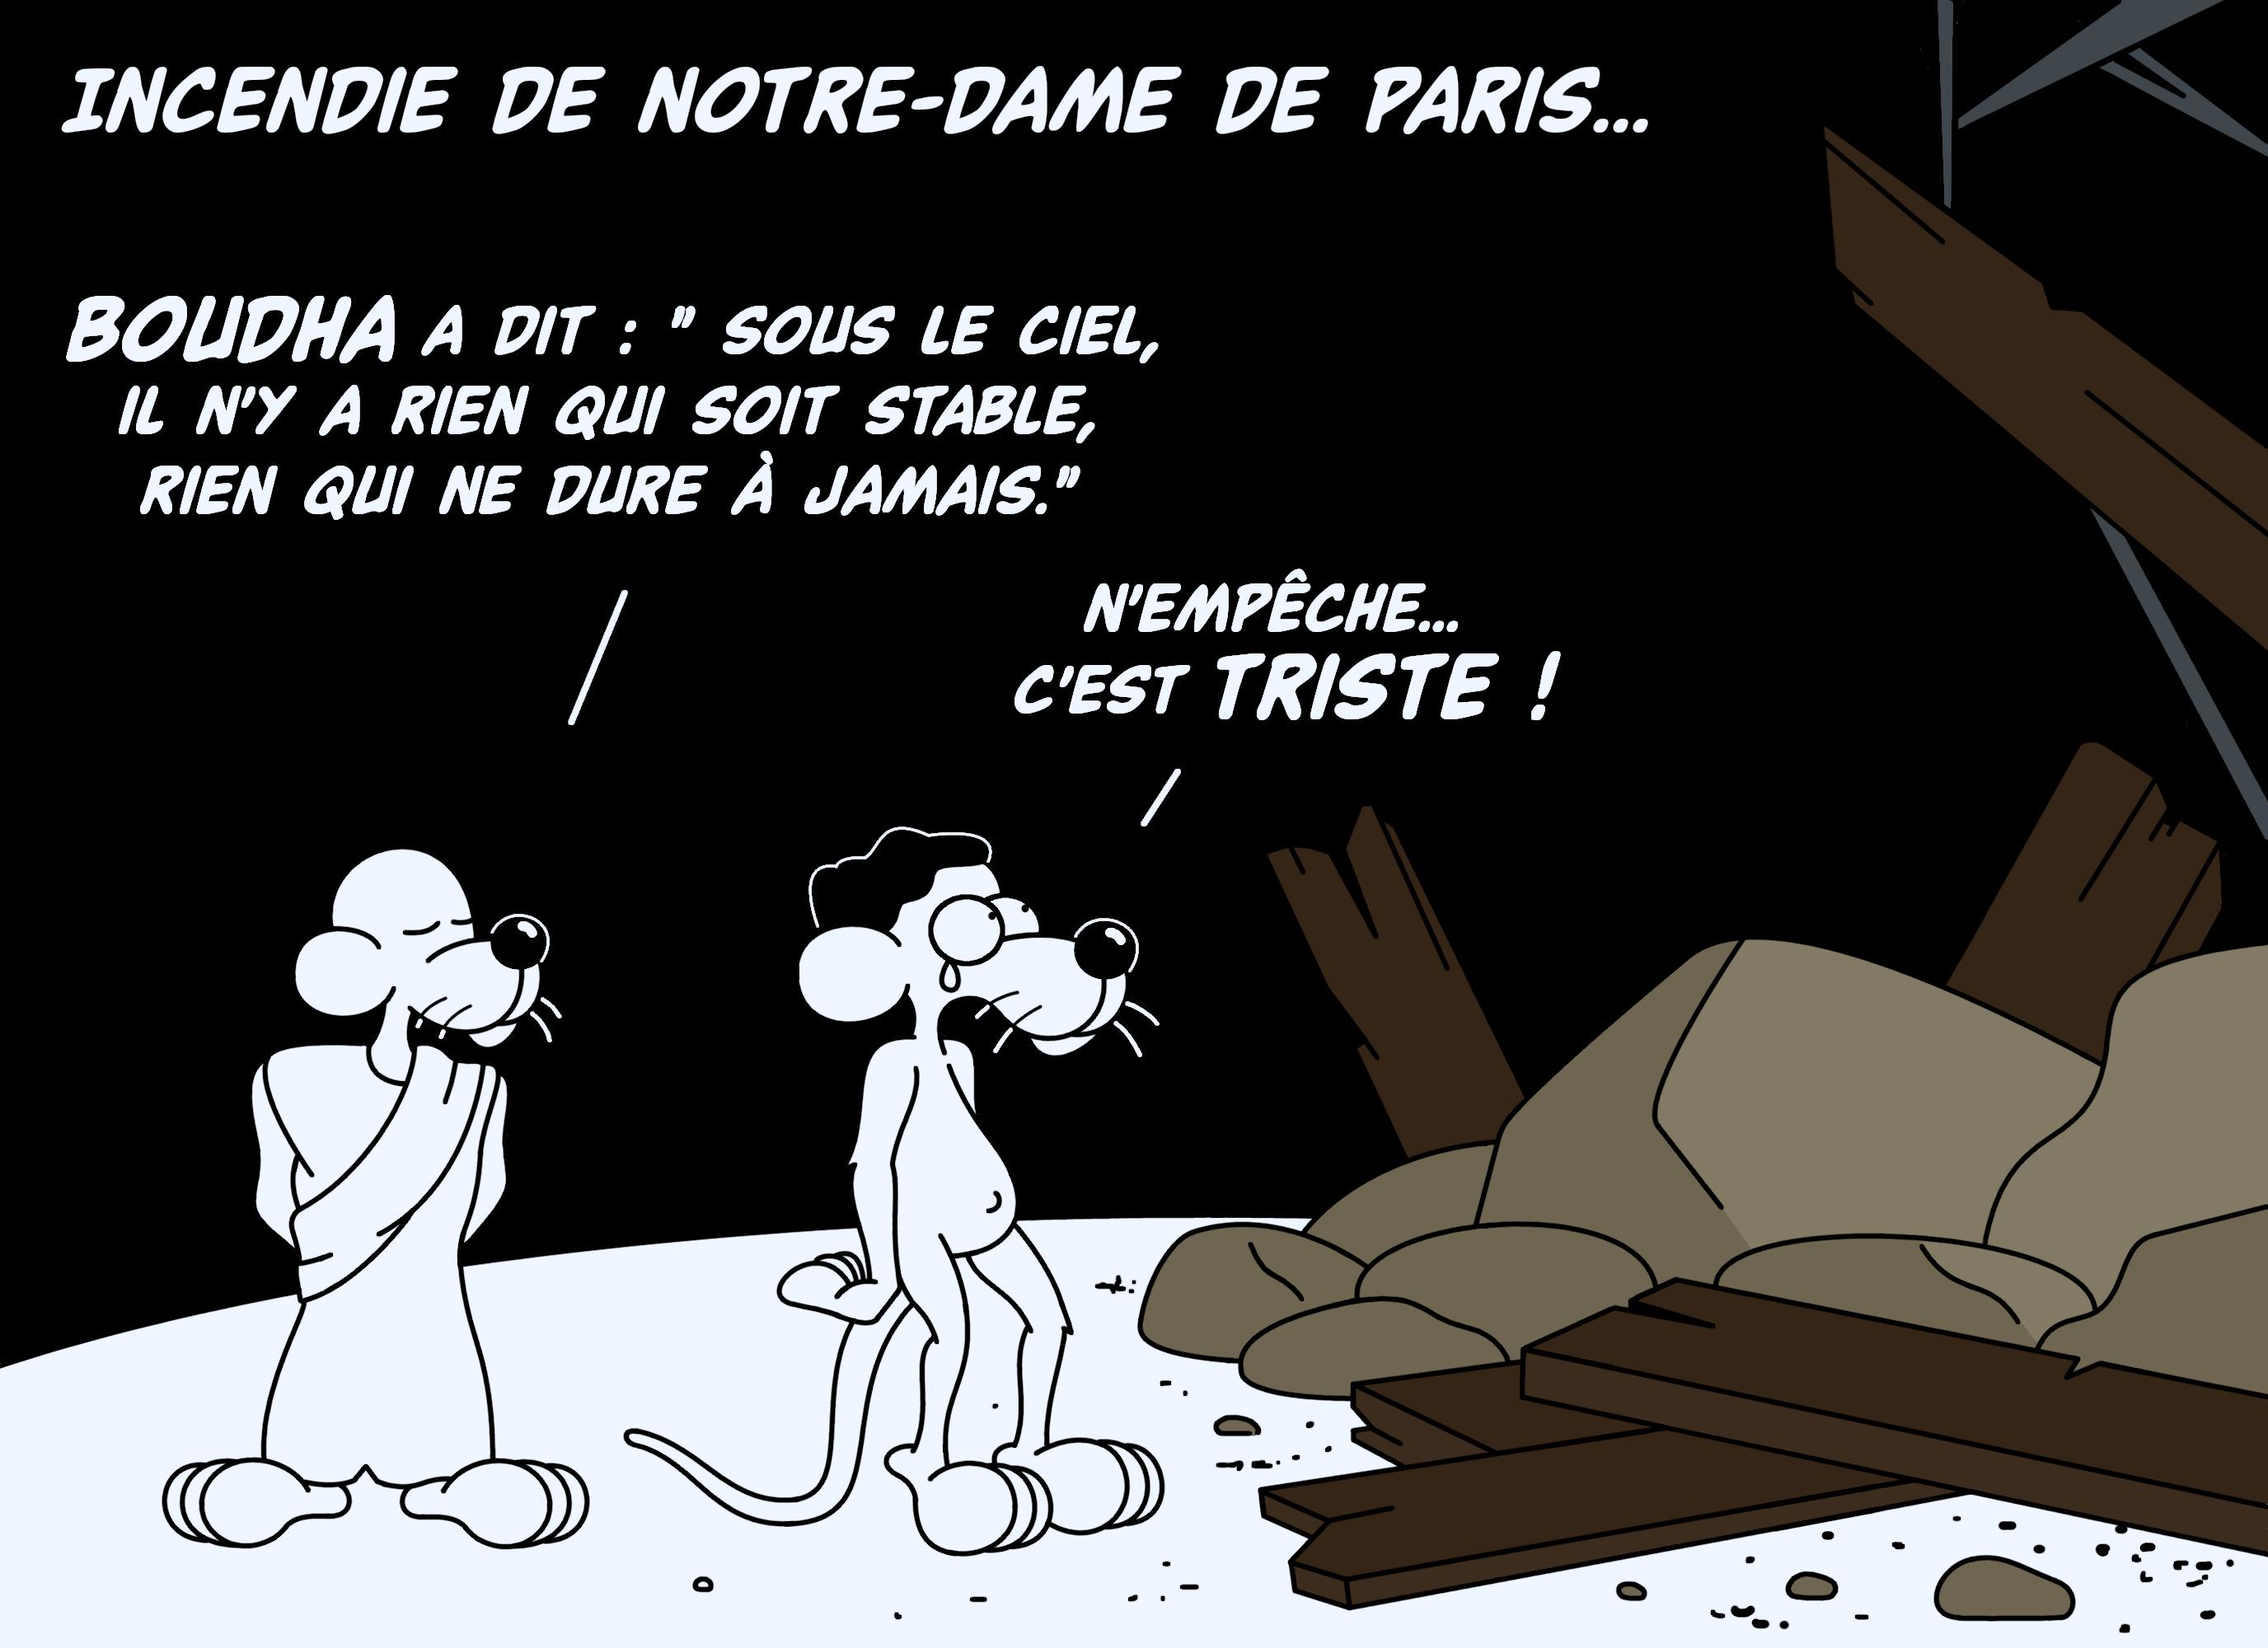 Dessin Incendie de Notre Dame de Paris de Chag